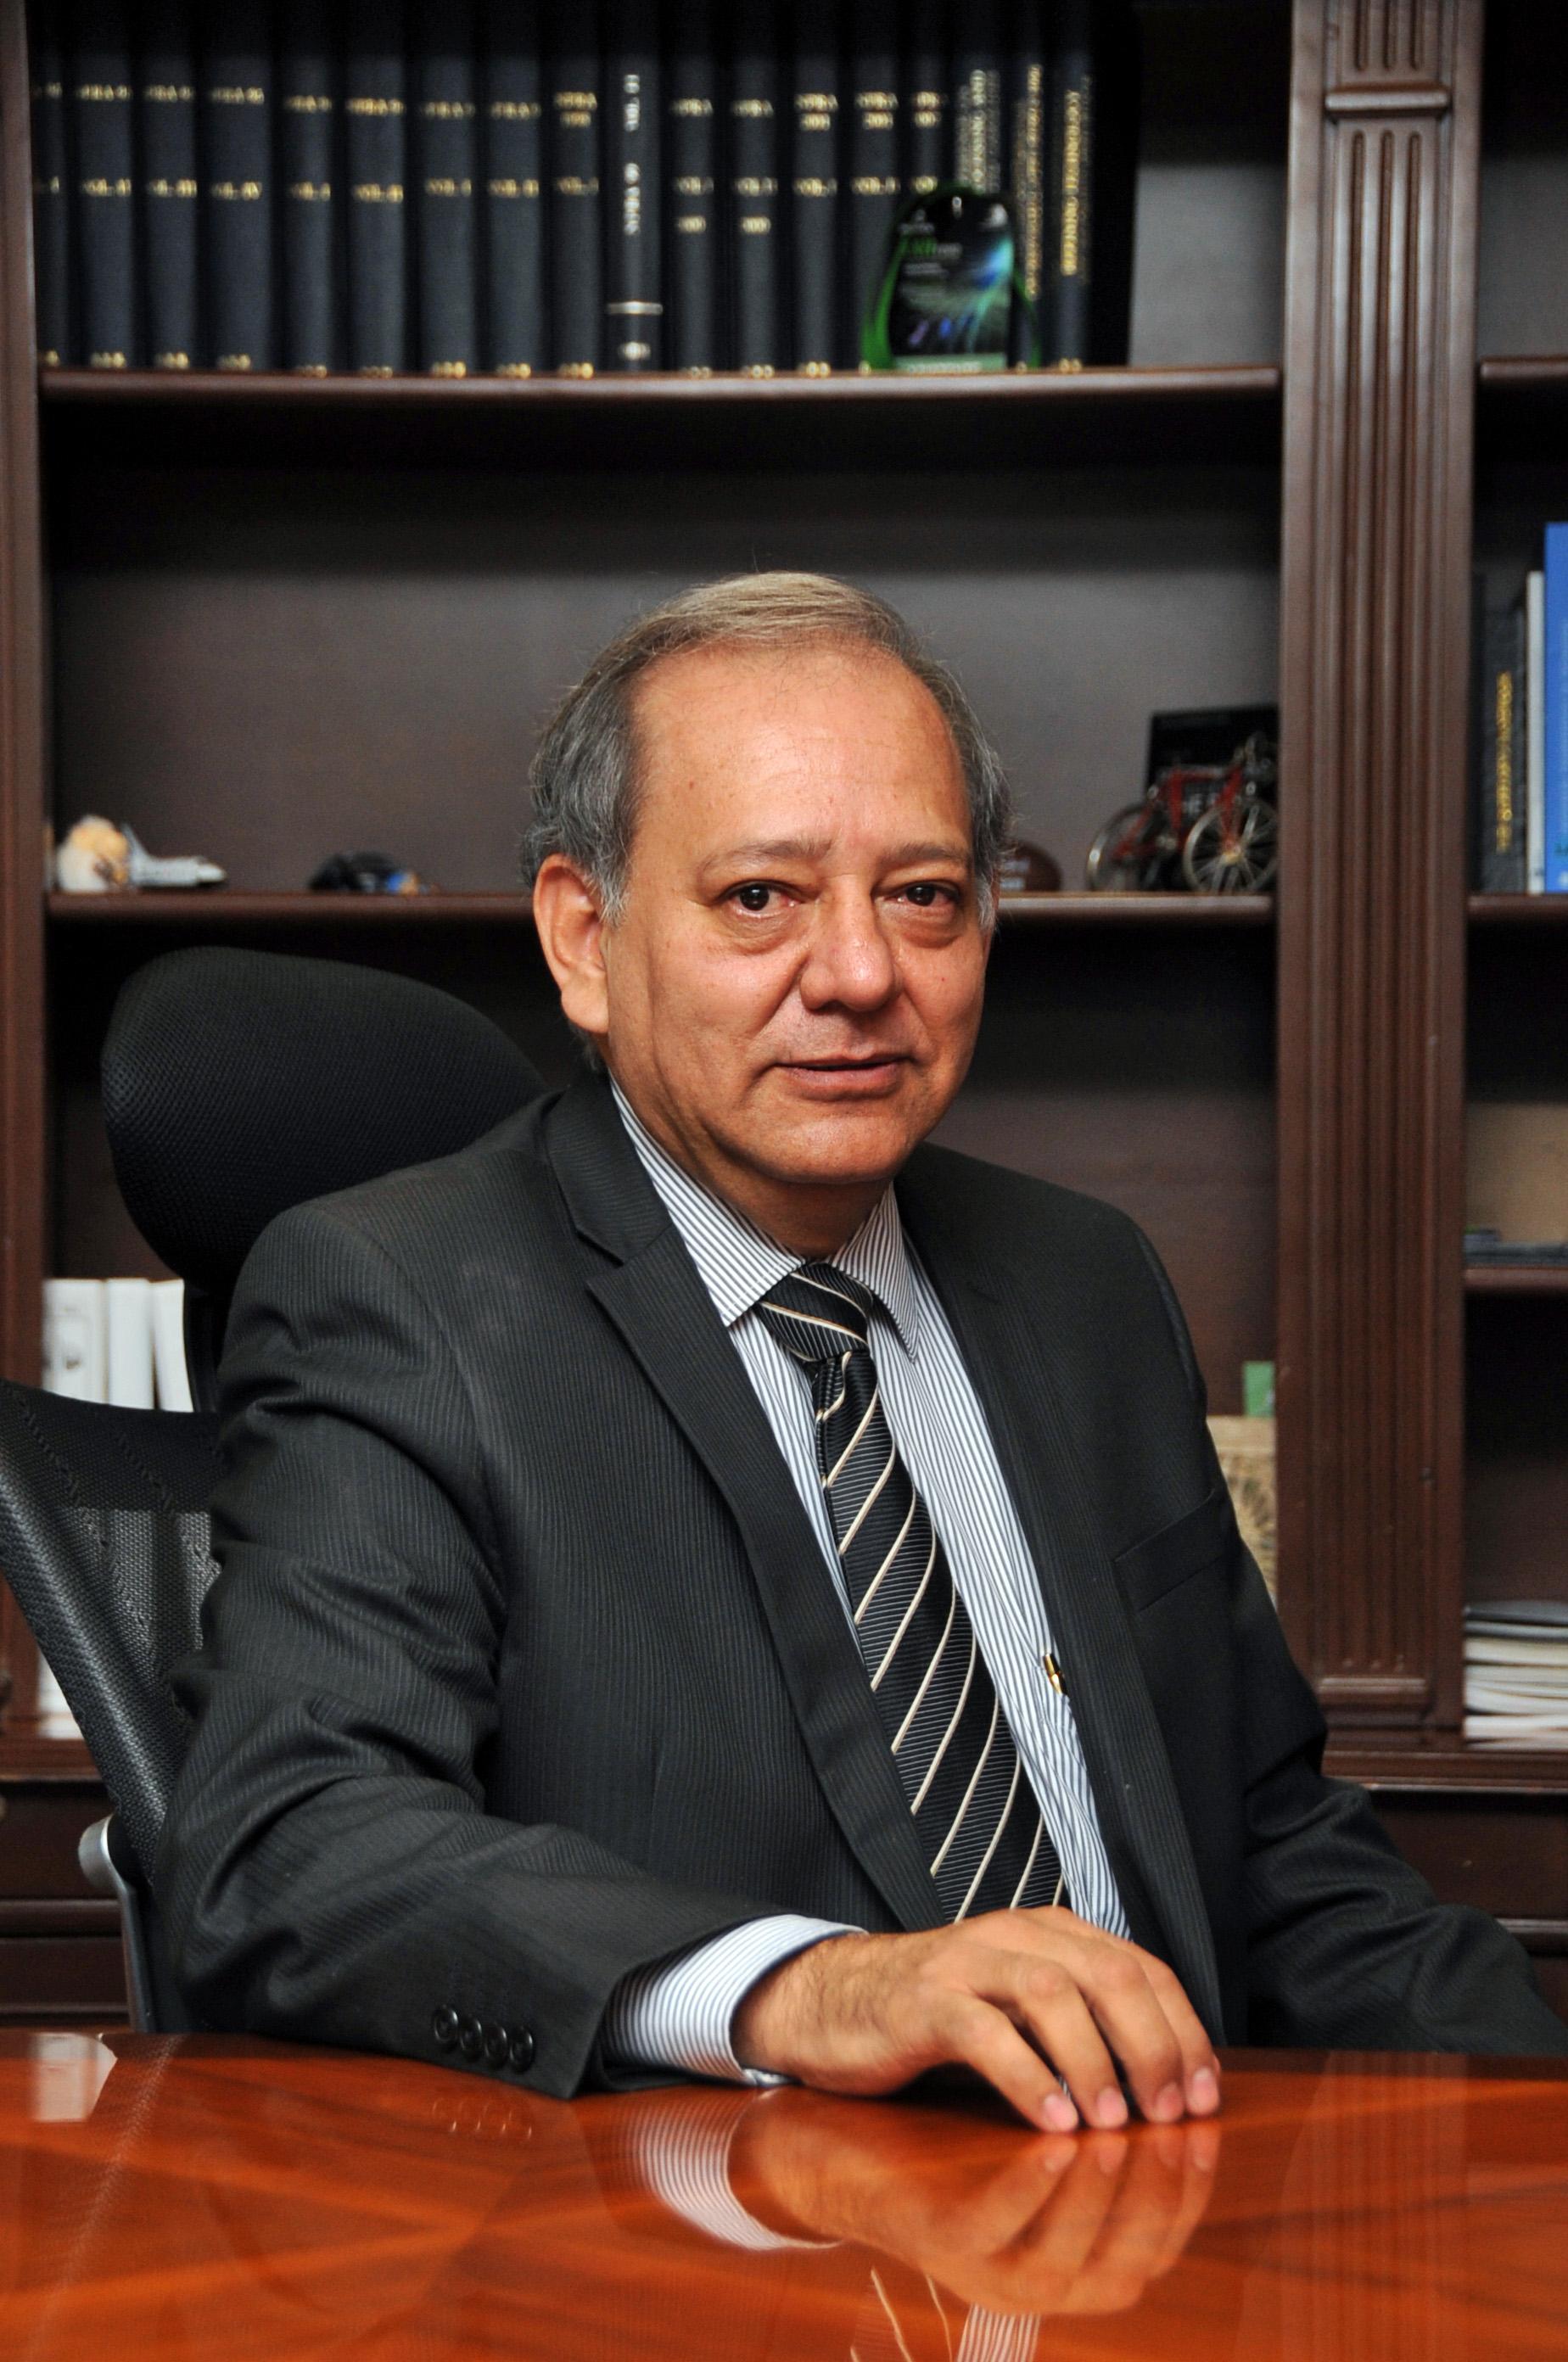 Nombrado por el Consejo de Administración del IMP